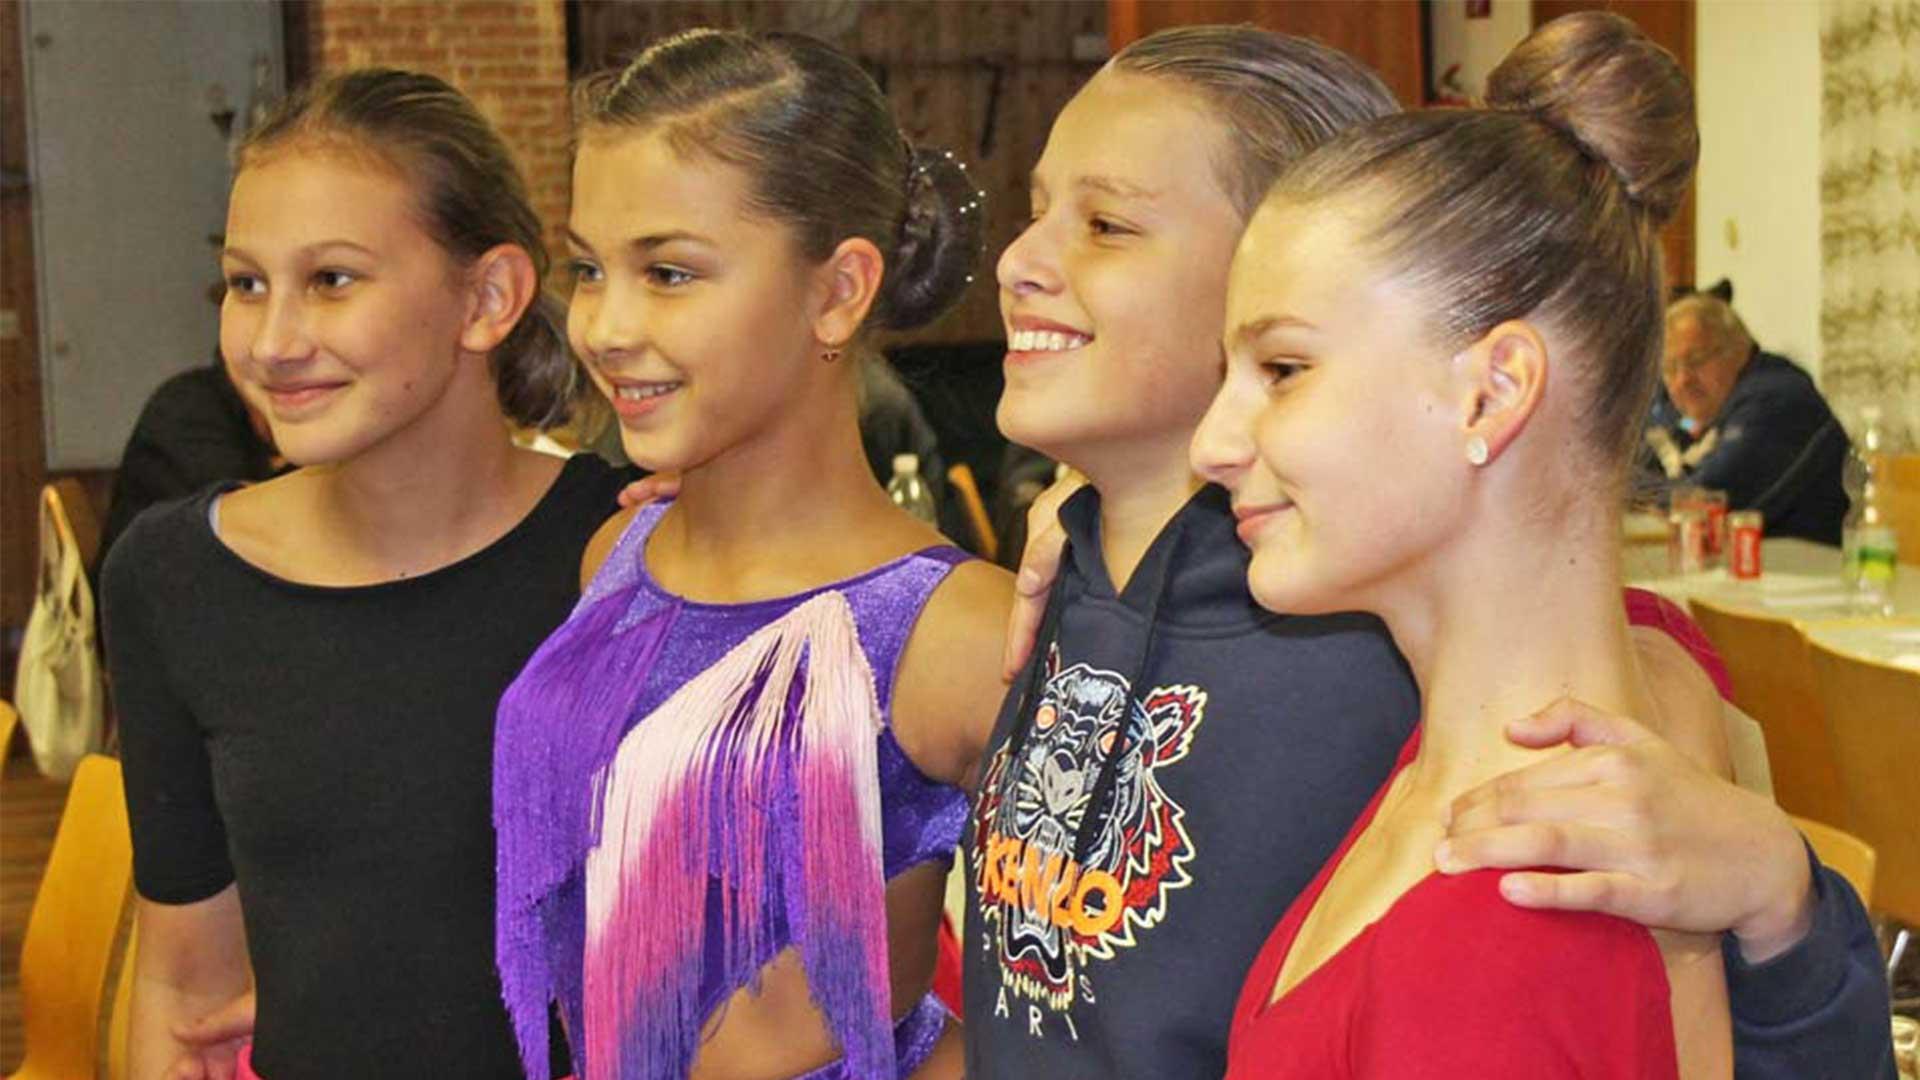 Spirit_of_Dance_Tanzsportclub_Sankt_Poelten_Angebot_Kindertanzen_1920x1080